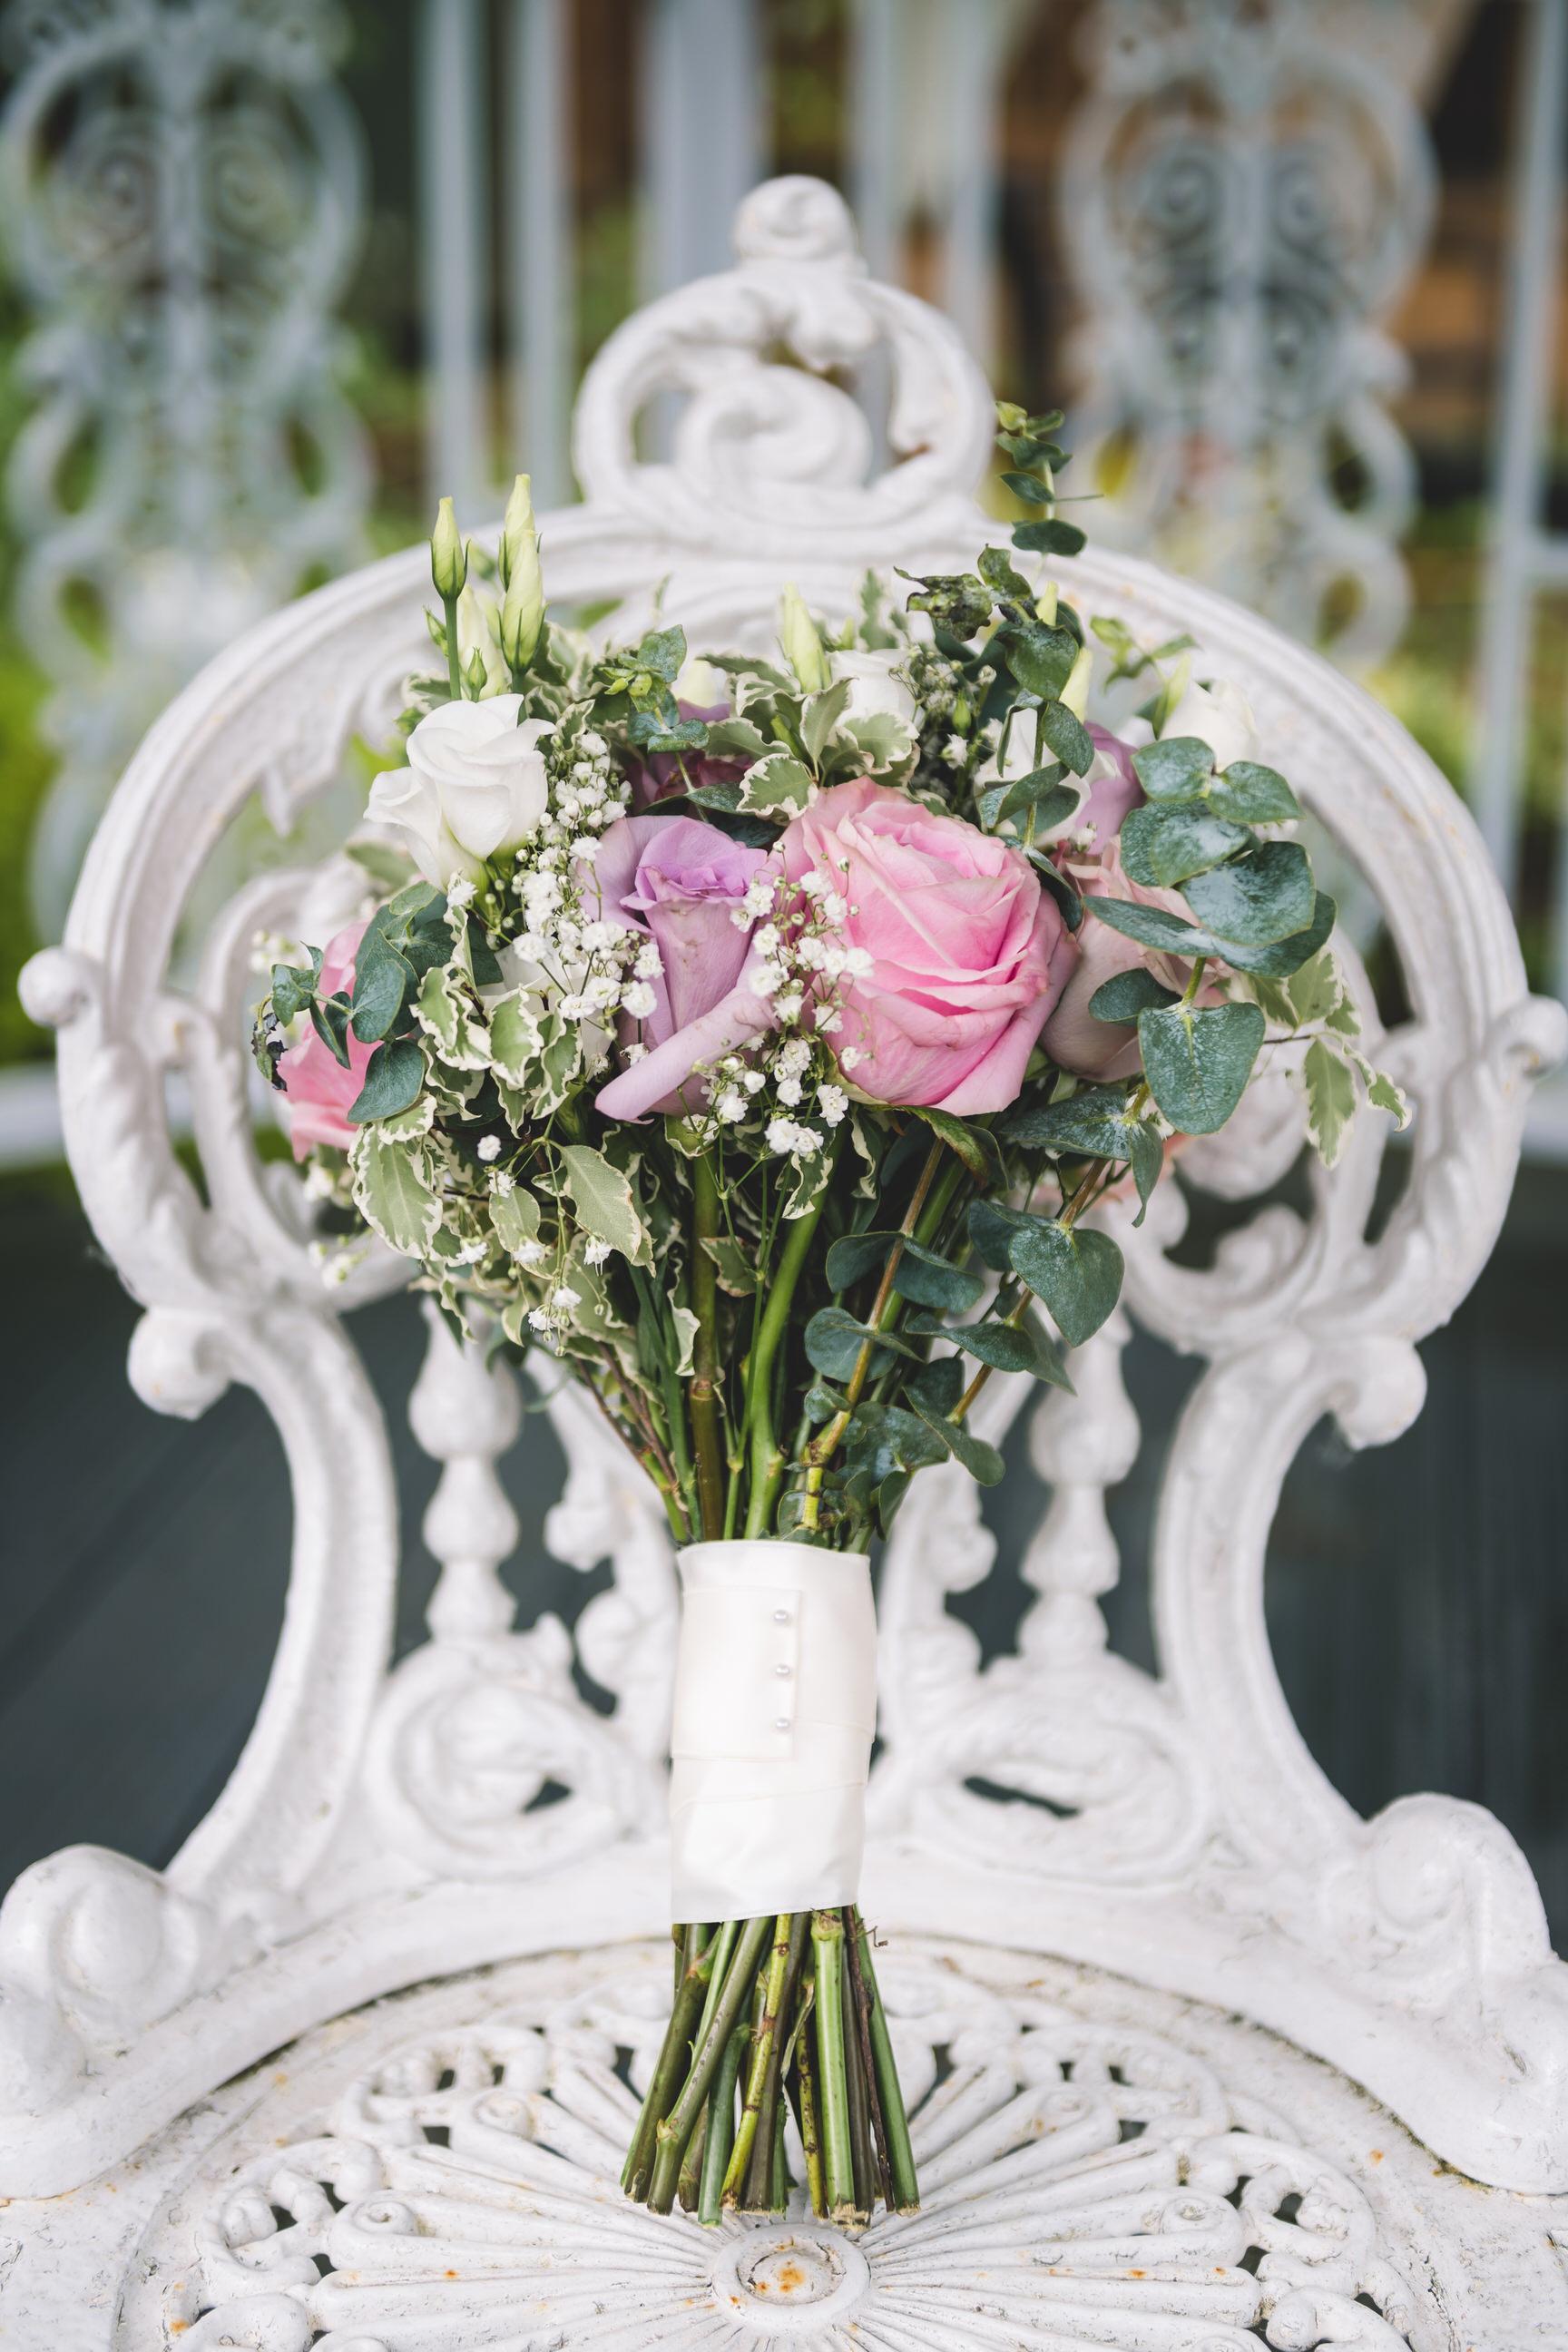 chainbridge-wedding-leeds-wedding-photographer-28.jpg